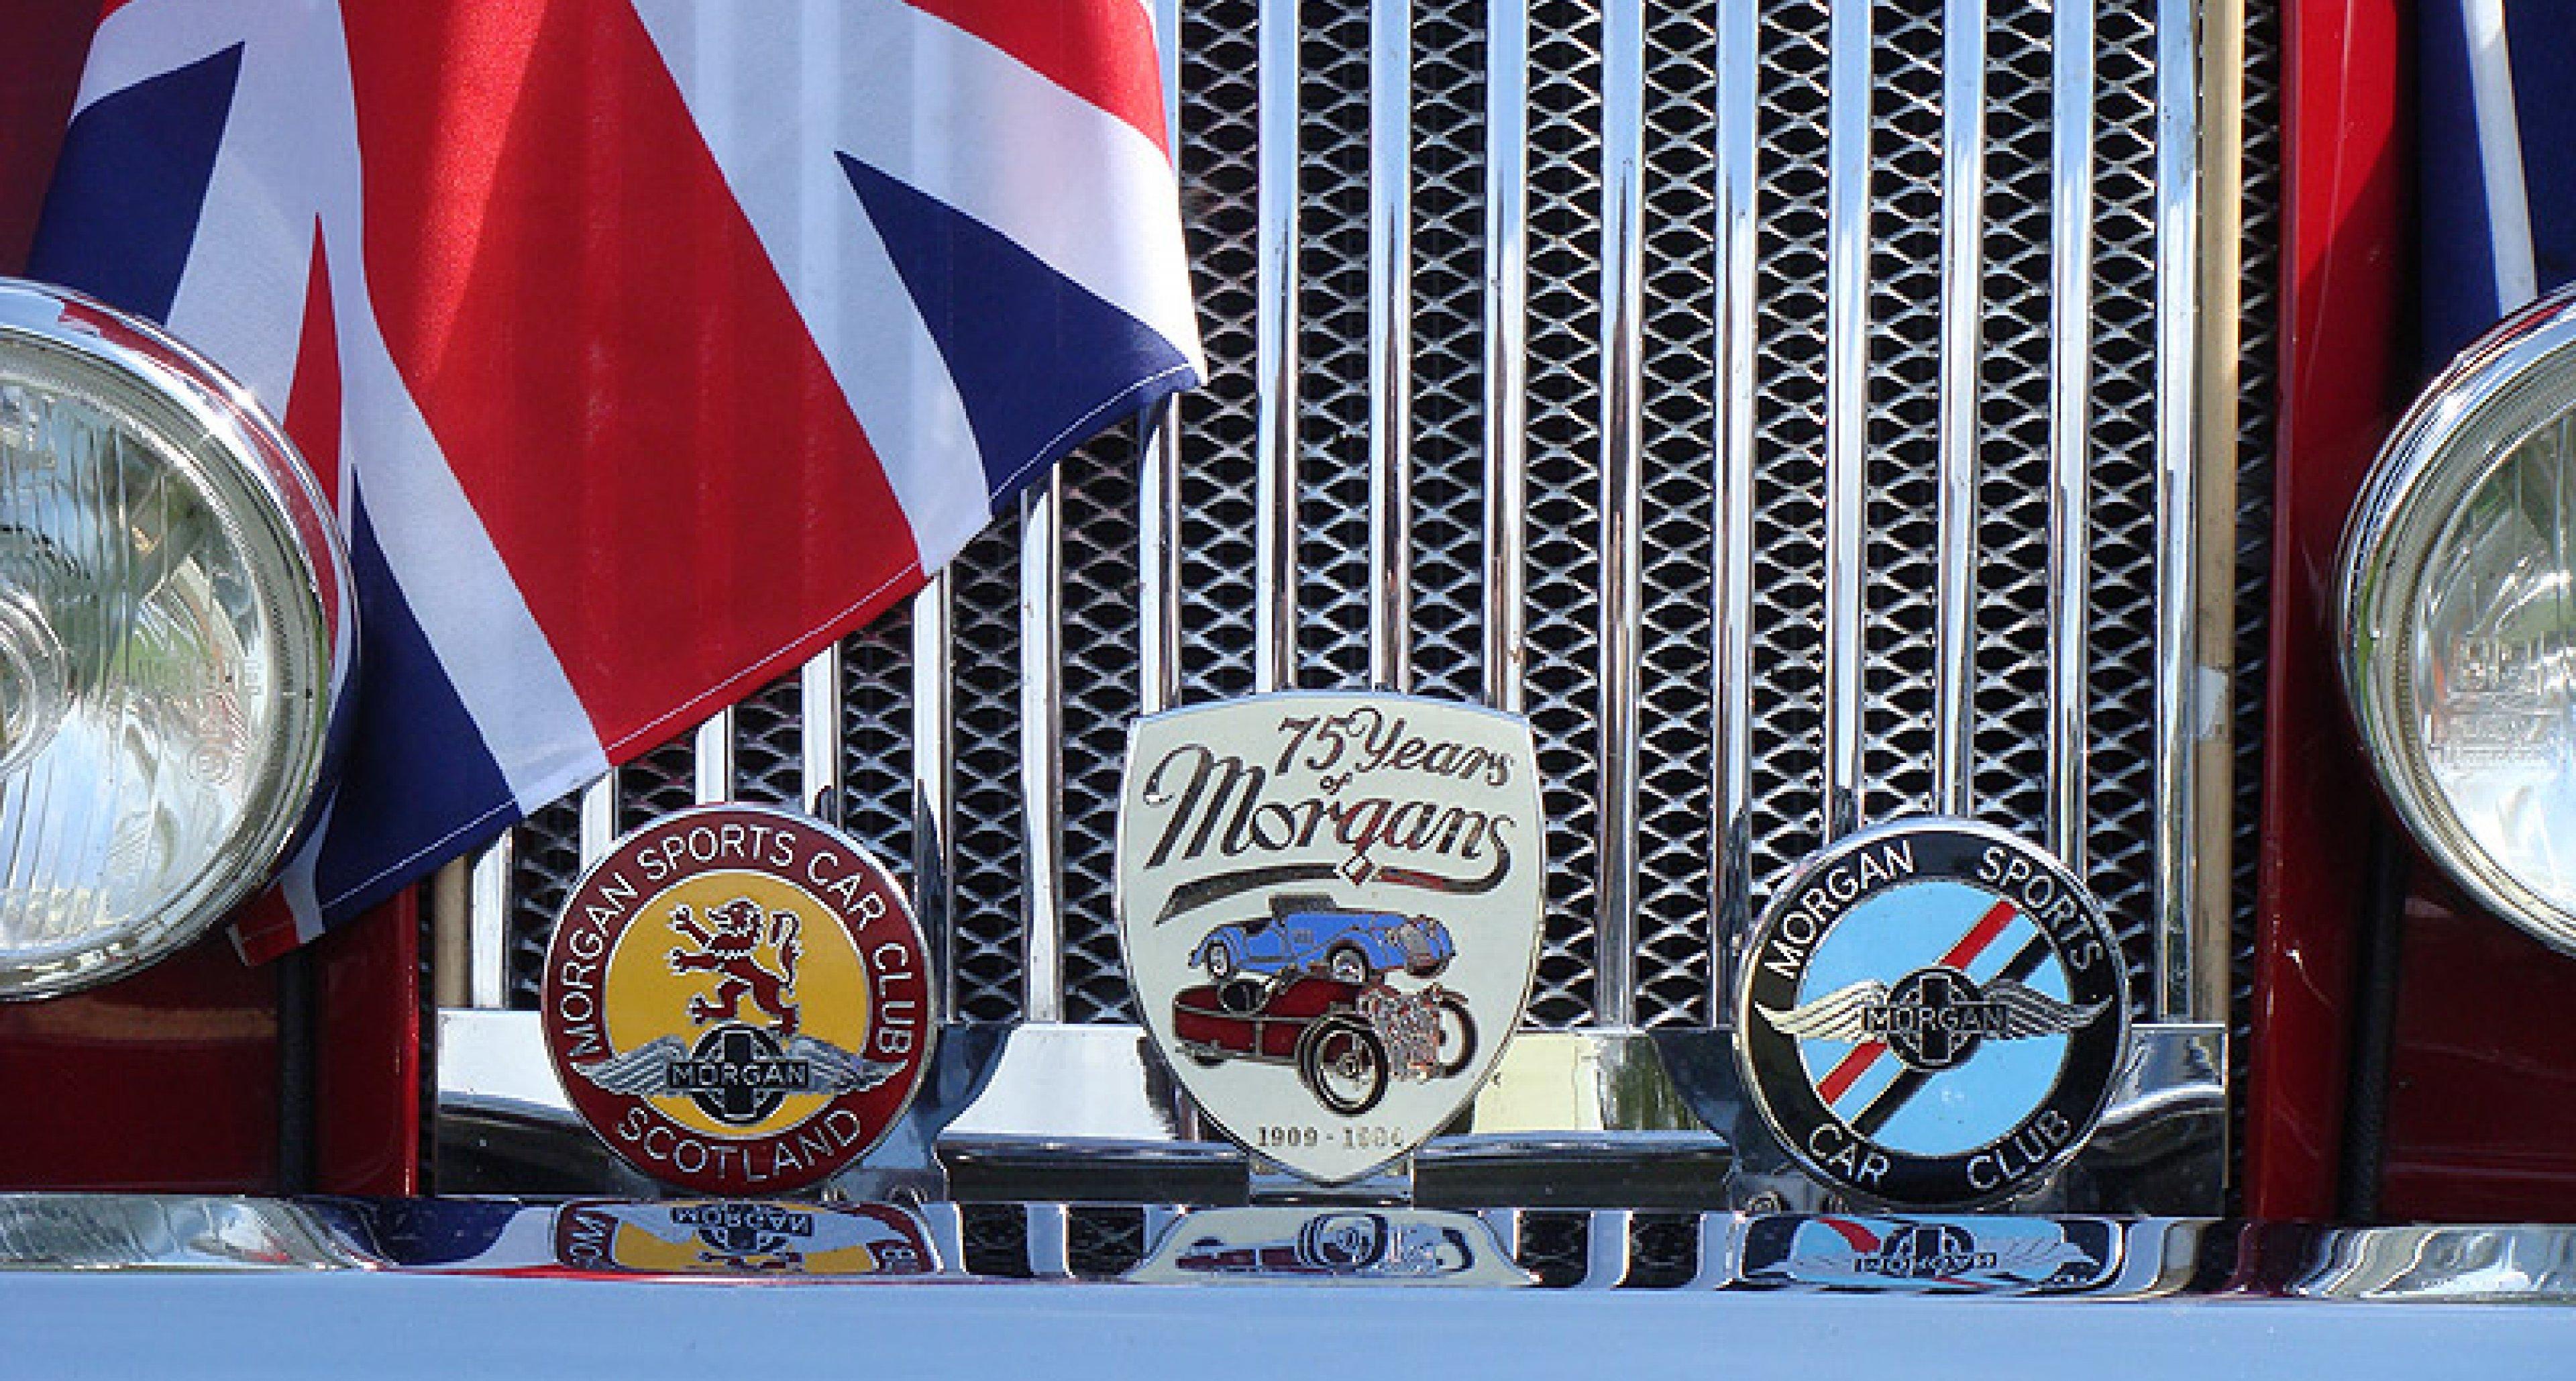 British Day 2009 in Hamburg: Let's brit!